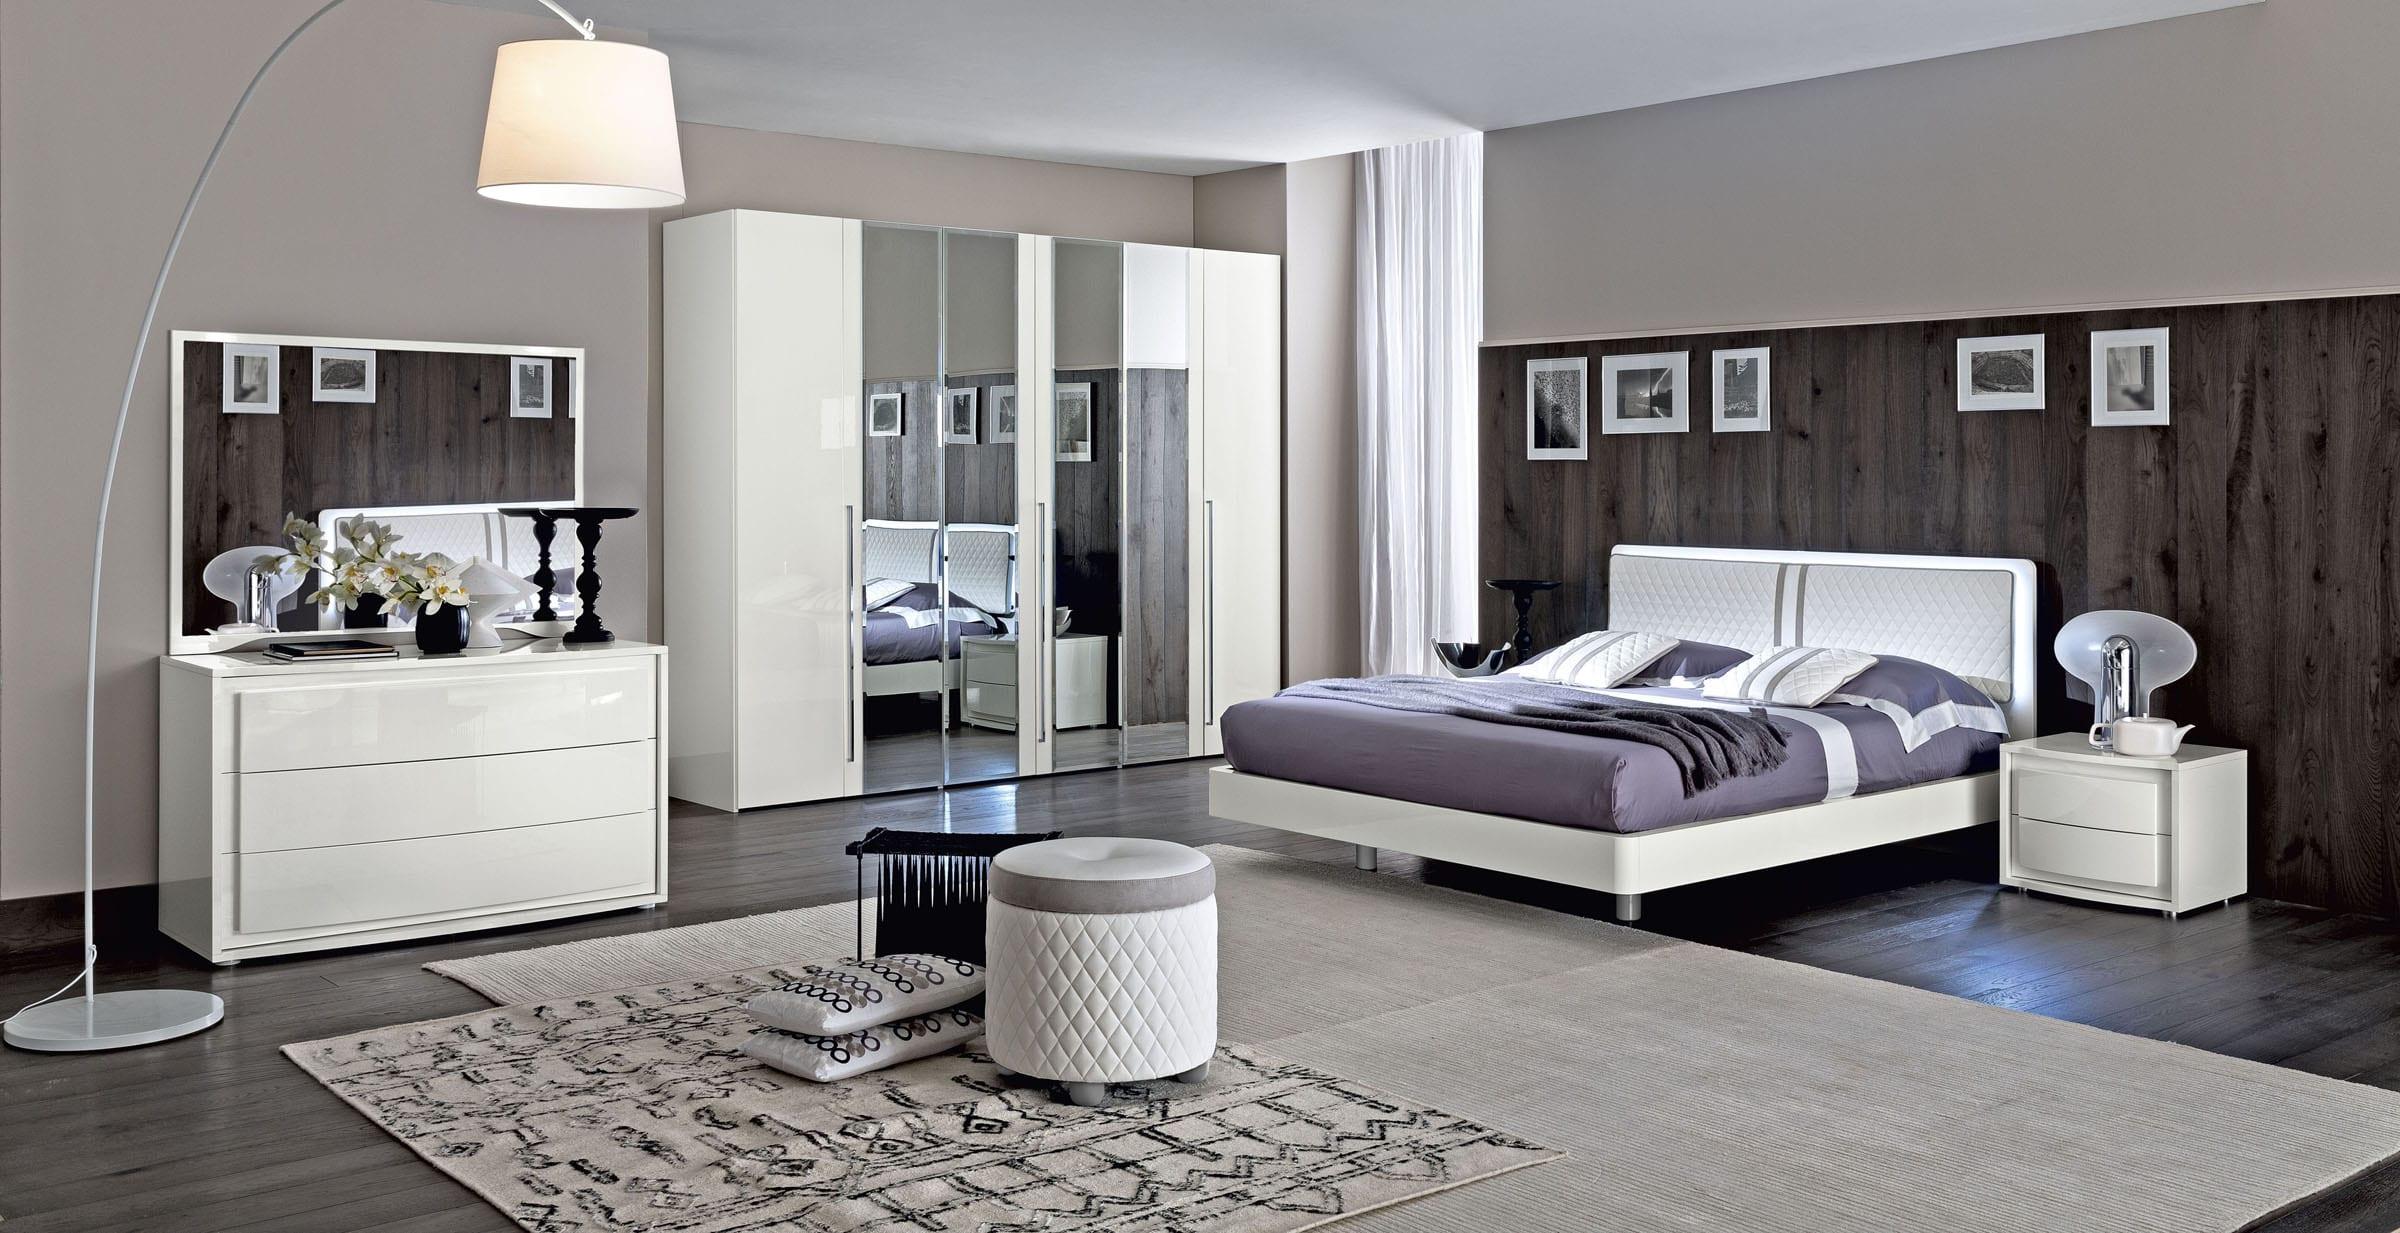 Perfekt Luxus Schlafzimmer Set Möbelstück Weiß Für Modernes Schlafzimmer Interior